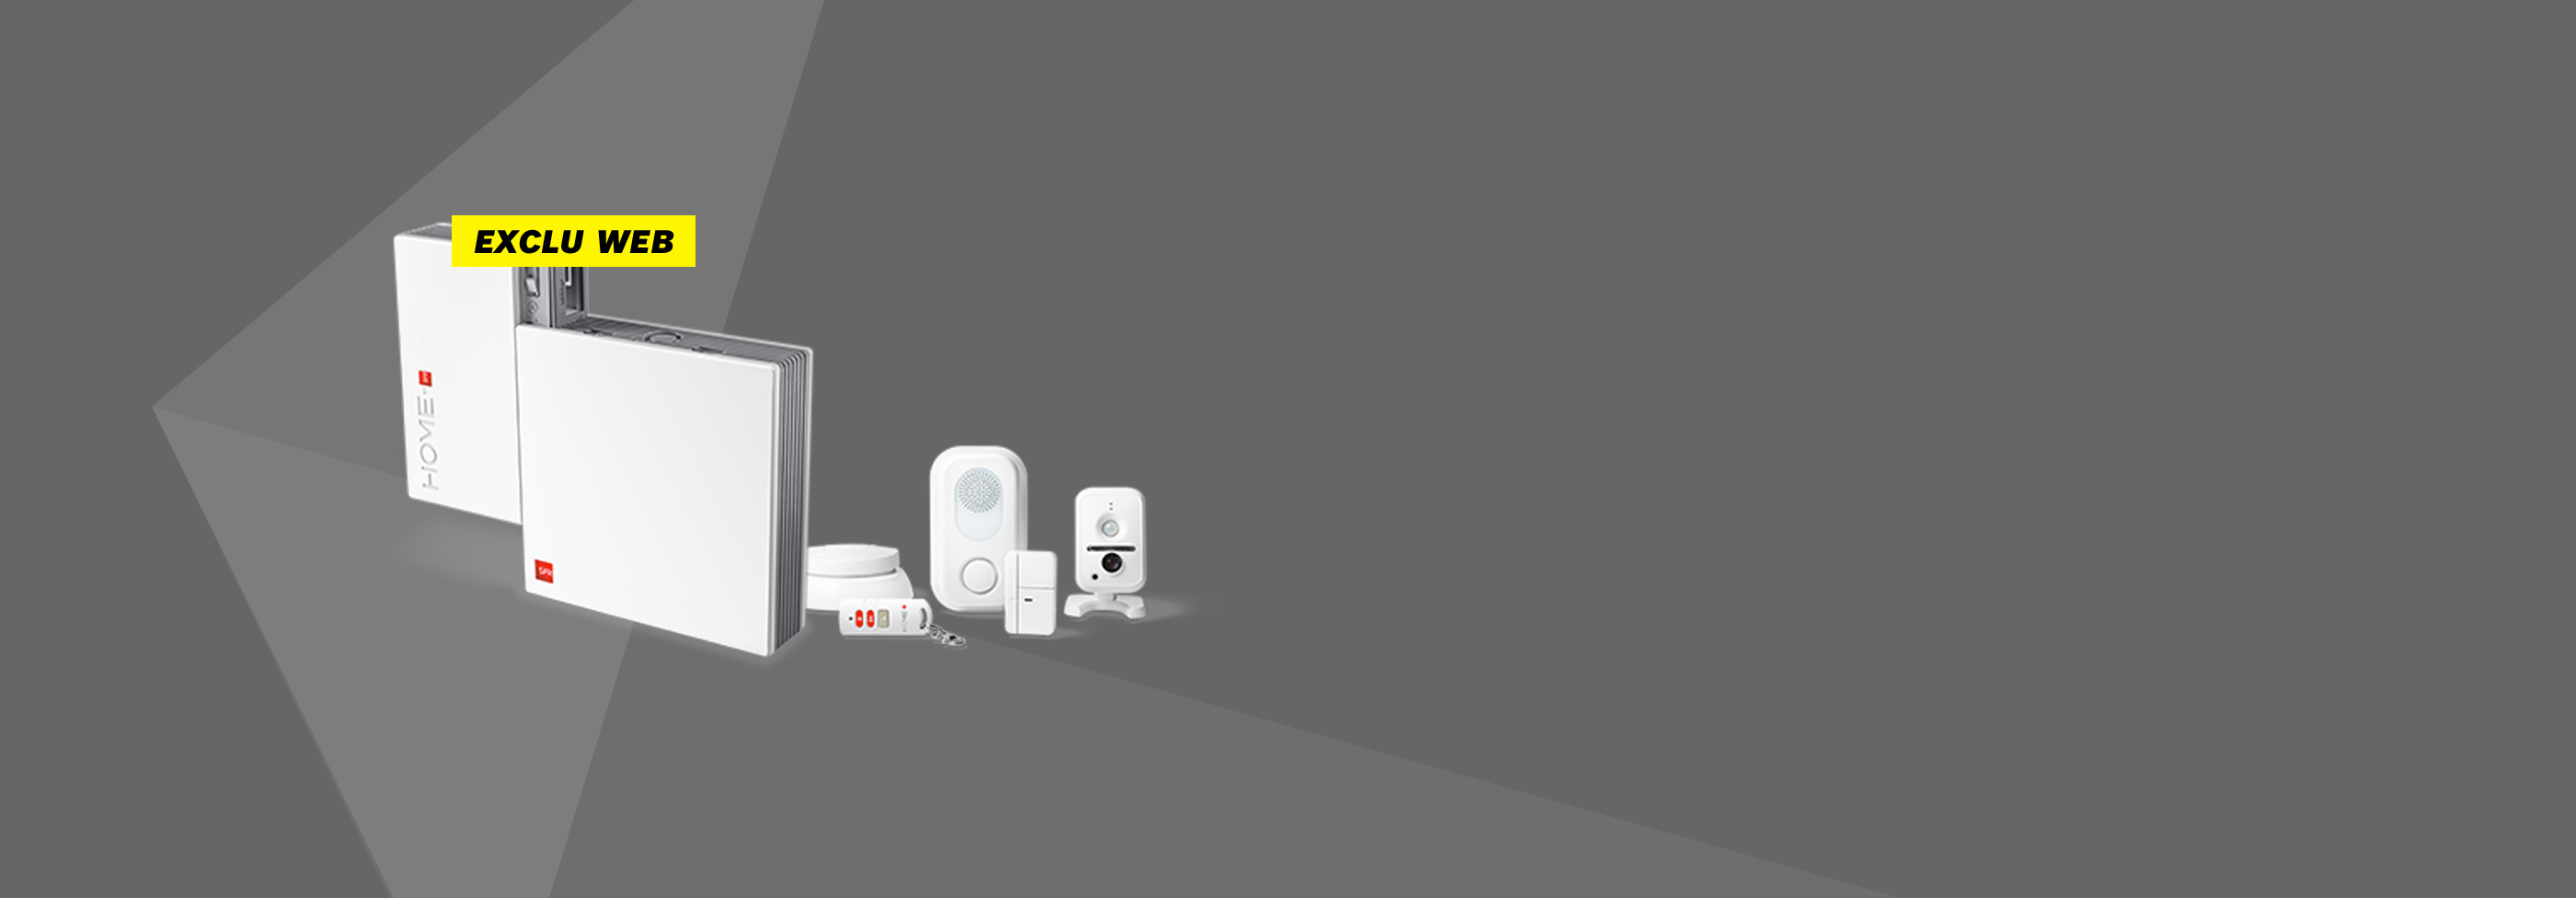 la box premium pro sfr garantie de rtablissement sous 8h office 365 home box home de sfr pack